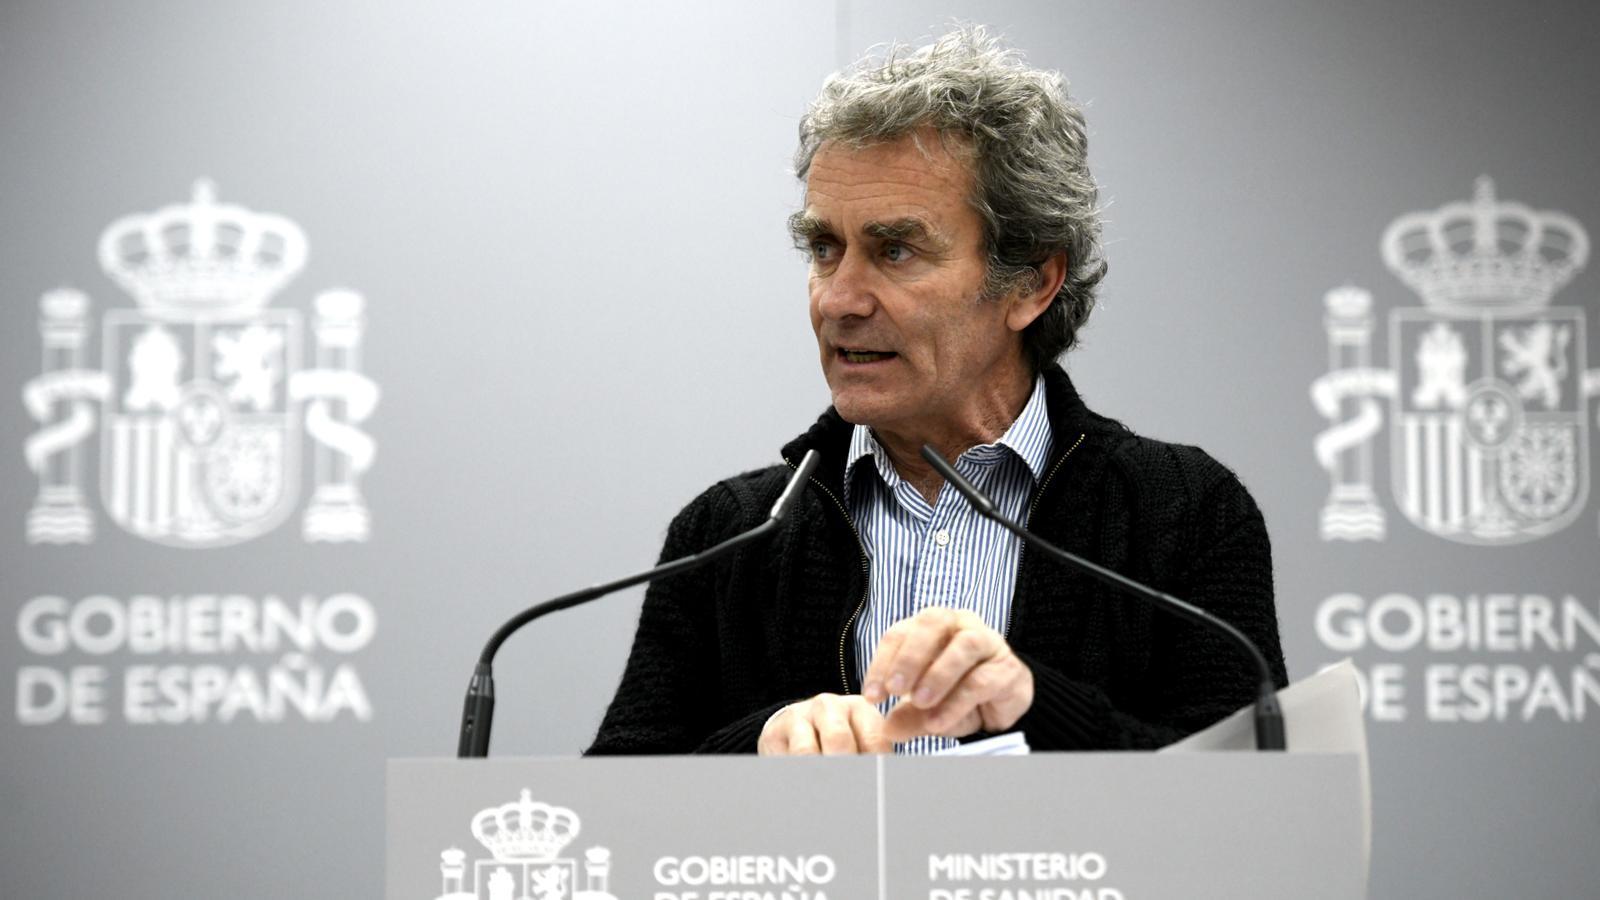 Jornada negra: 769 morts per coronavirus a Espanya, el màxim registrat en 24 hores